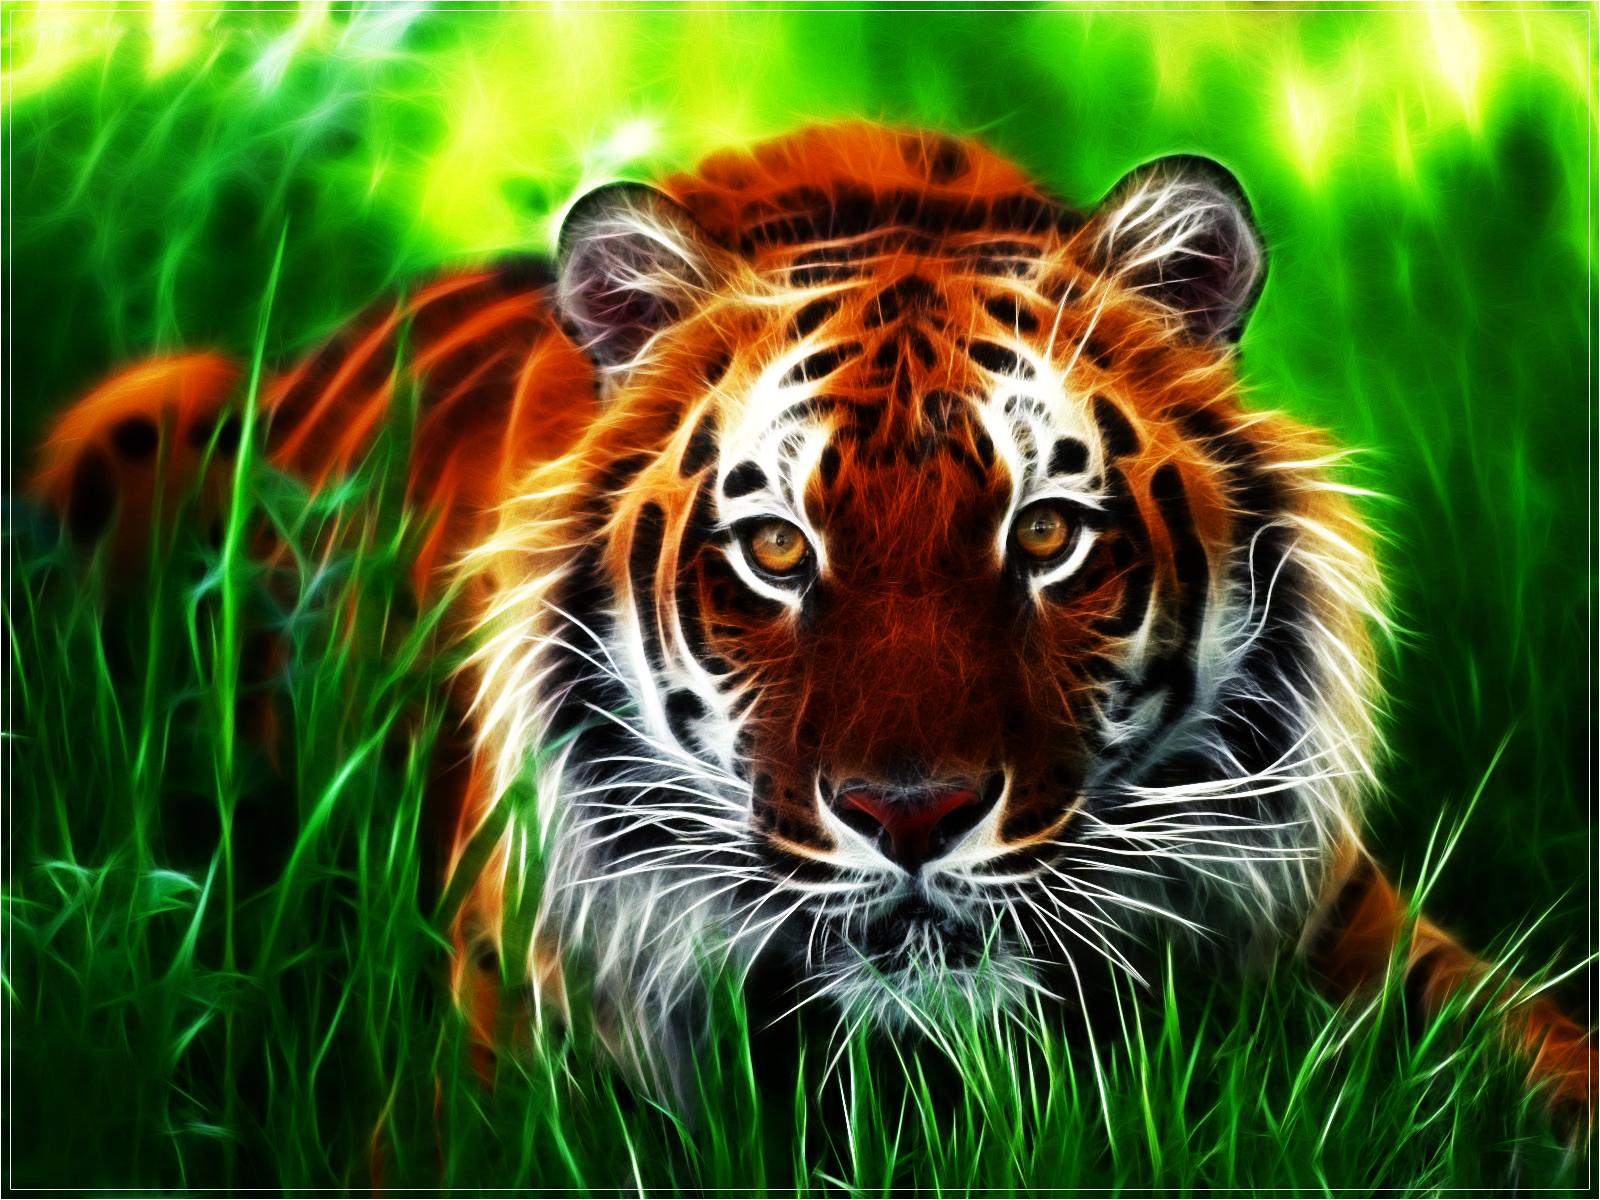 тигр в траве, фото, скачать, обои для рабочего стола